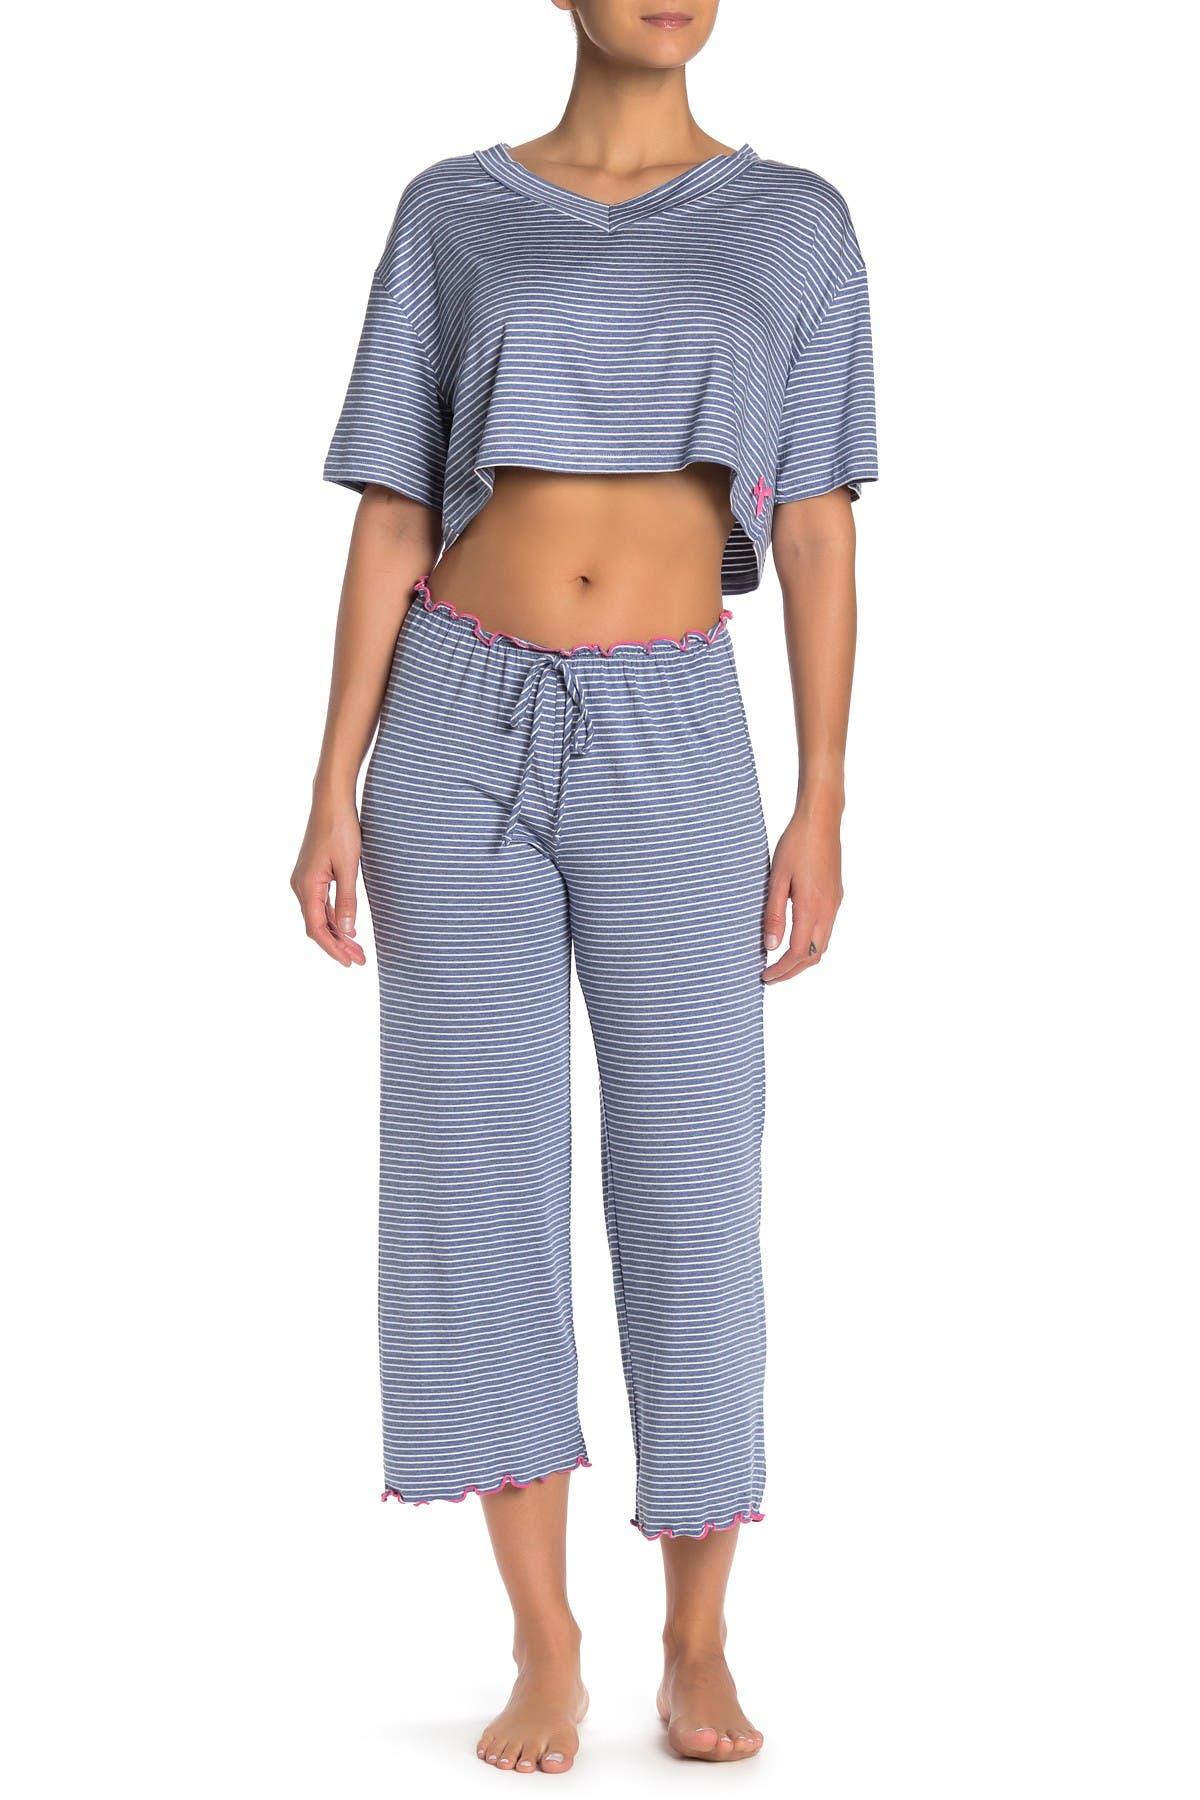 Image of Blue Moon Pink Star Stripe Drawstring Pajama Pants